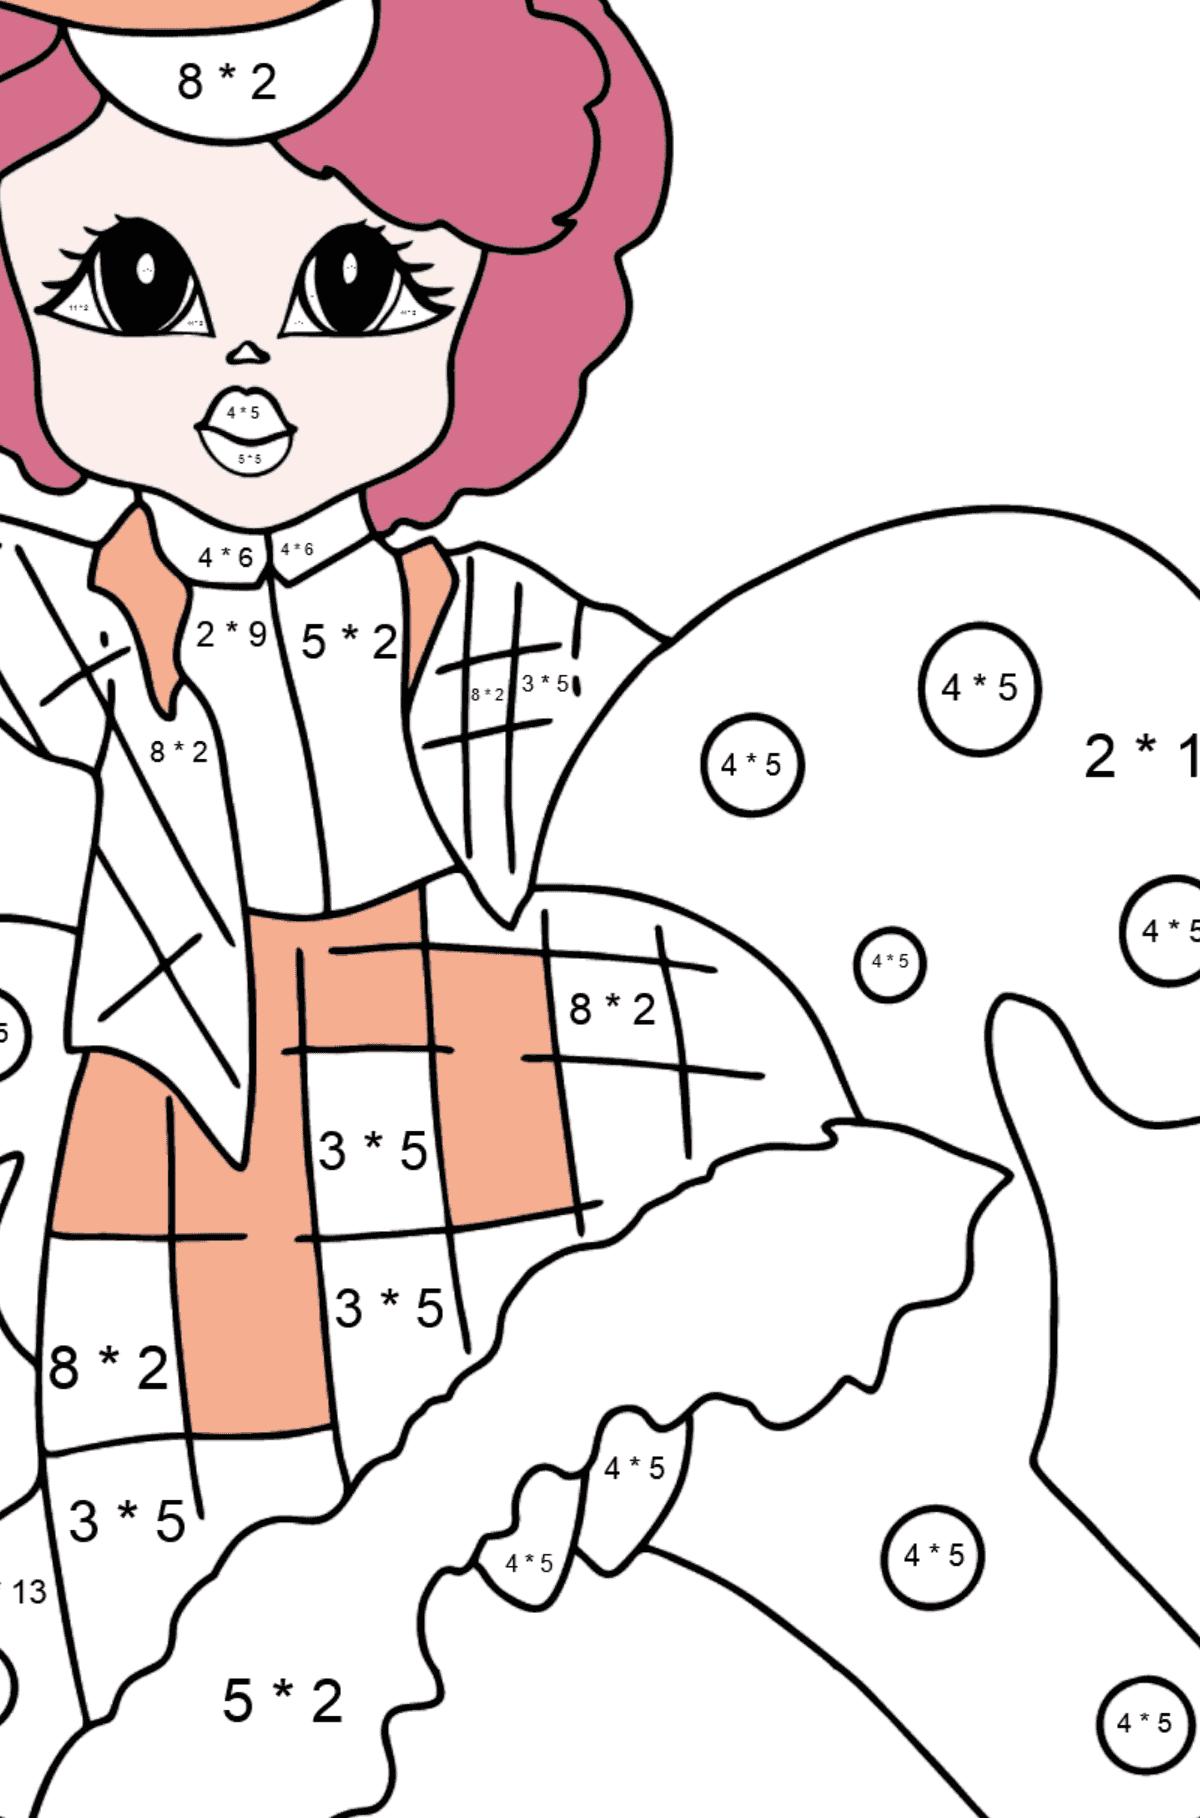 Раскраска Принцесса На Лошади Для Девочек - Математическая Раскраска - Умножение для Детей